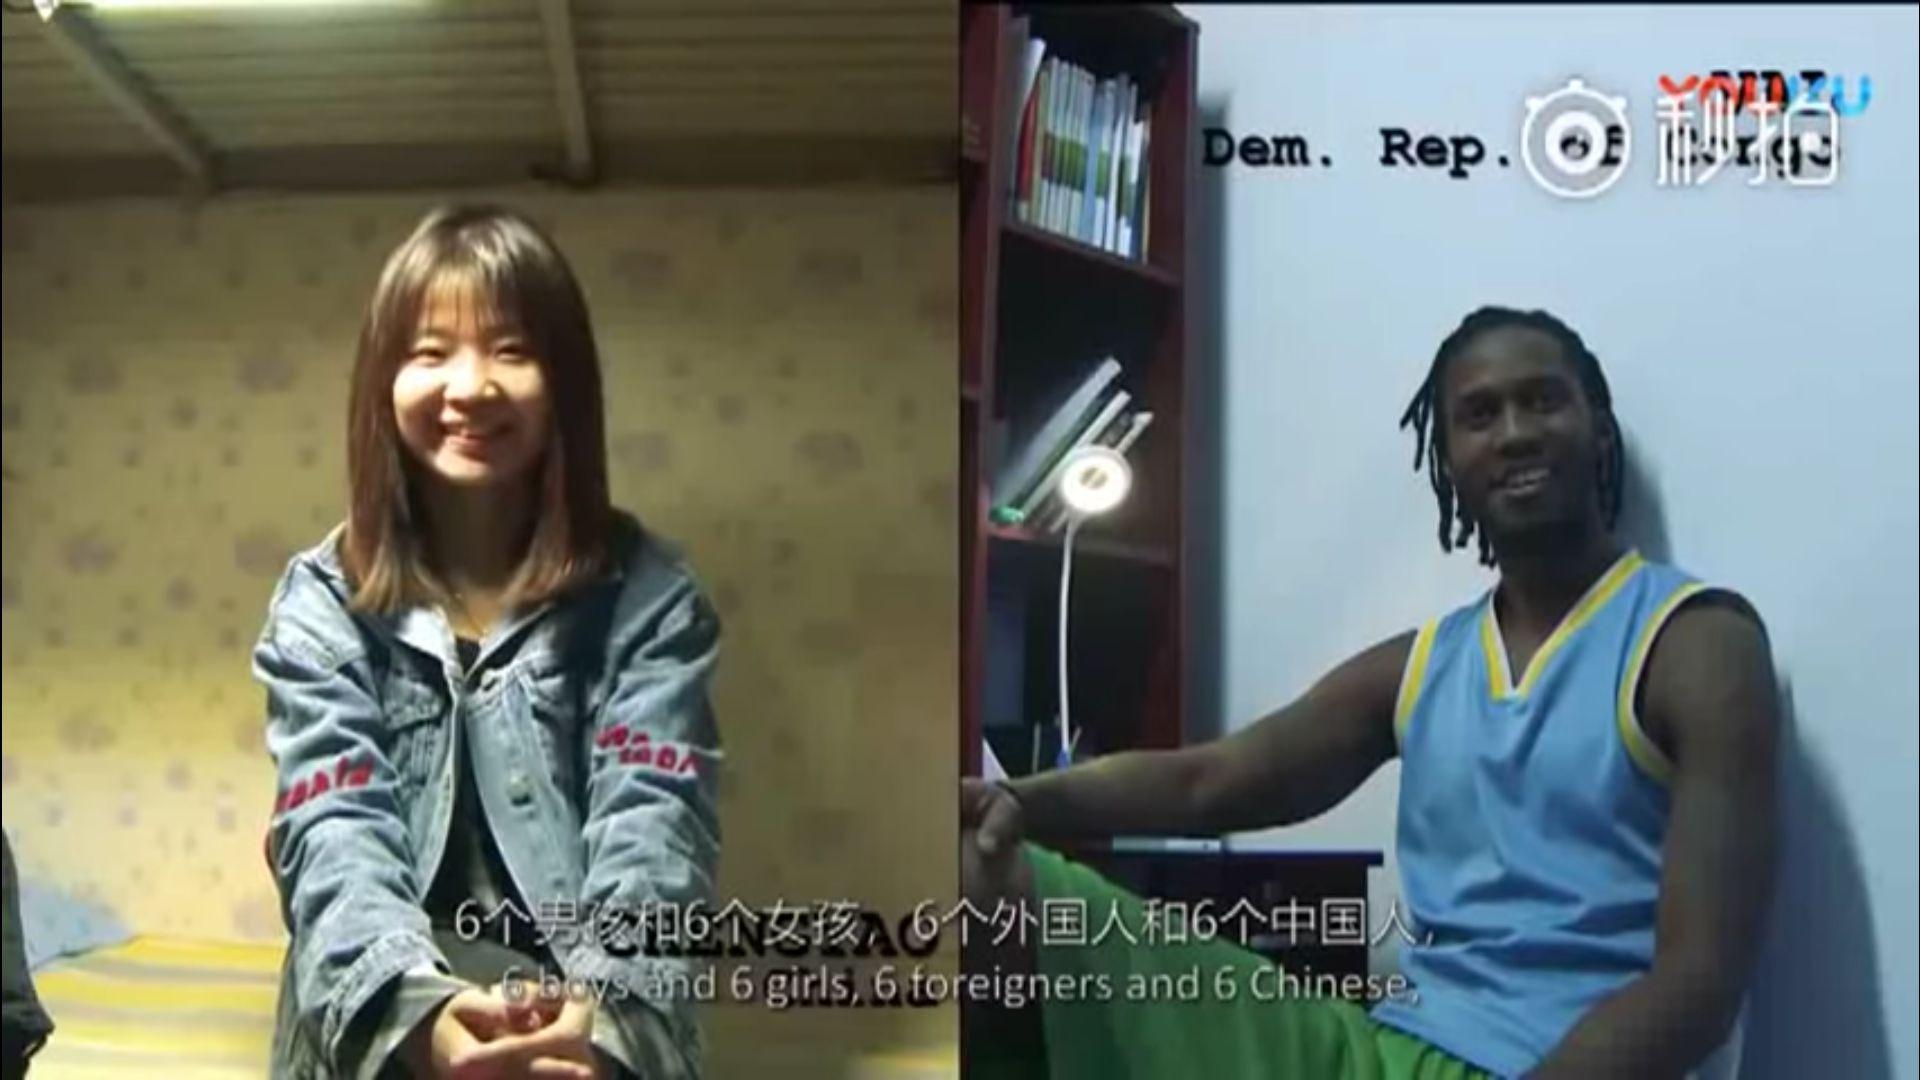 拍攝者在中國西部的蘭州和東部的北京,採訪了來自兩所大學的12名學生。調查結果令拍攝者感到非常驚訝。(視像擷圖)